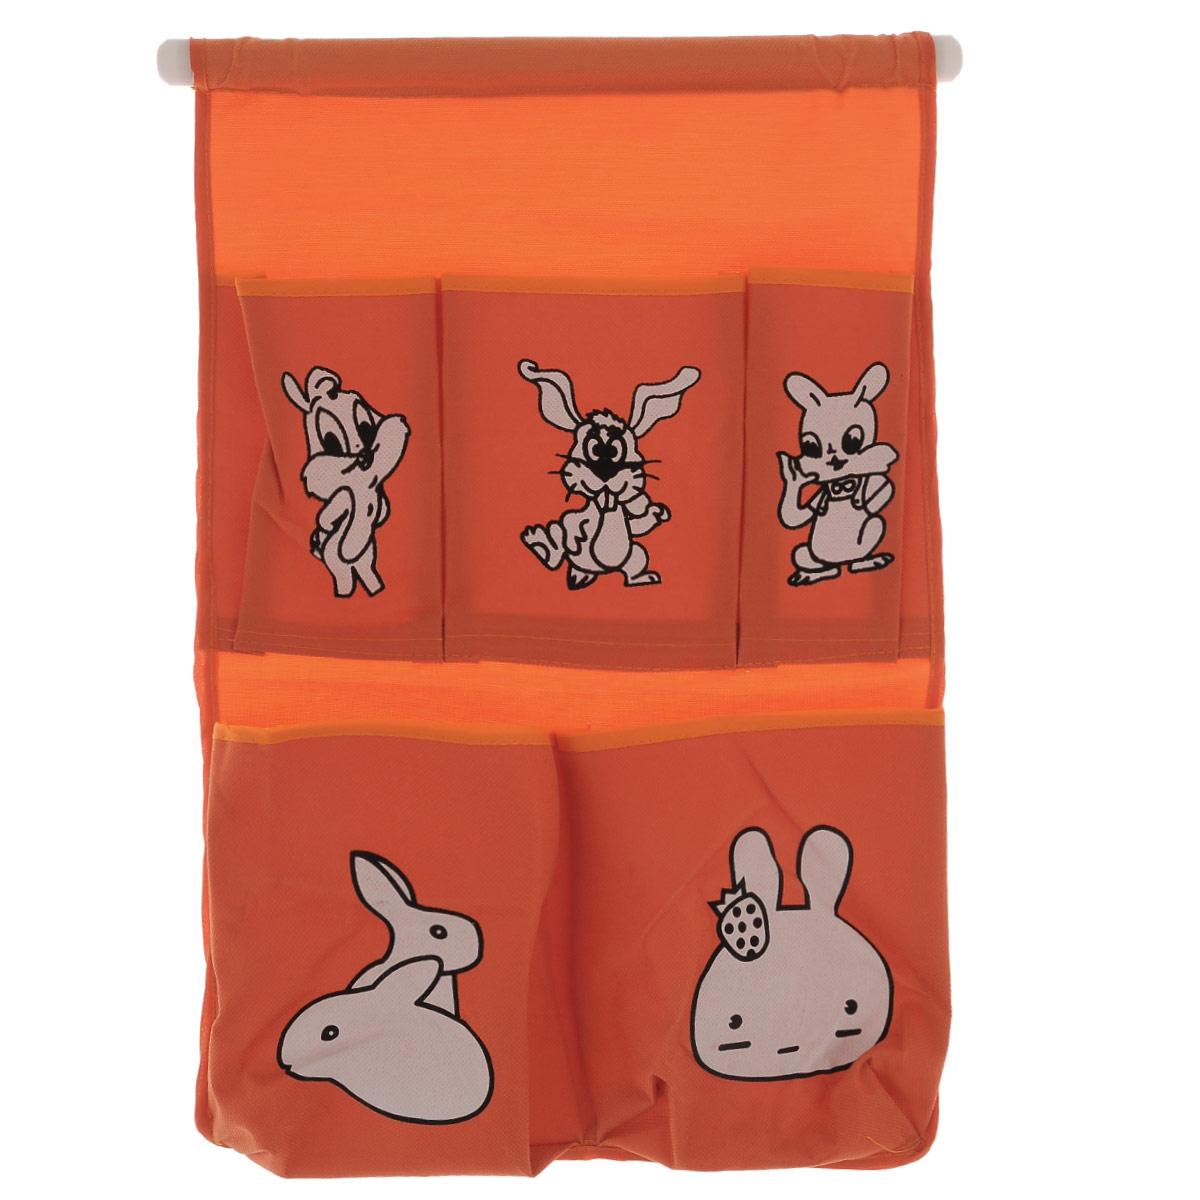 Органайзер для хранения Sima-land Зайчата, цвет: оранжевый, 5 отделенийES-412Органайзер Sima-land, изготовленный из текстиля, предназначен для хранения необходимых вещей, множества мелочей в гардеробной, ванной, детской комнатах. Изделие оснащено 5 кармашками, пришитыми к текстильному полотну. Этот нужный предмет может стать одновременно и декоративным элементом комнаты. Размер самого большого отделения (ДхШ): 14,5 см х 16 см. Размер самого маленького отделения (ДхШ): 13,5 см х 7,5 см.